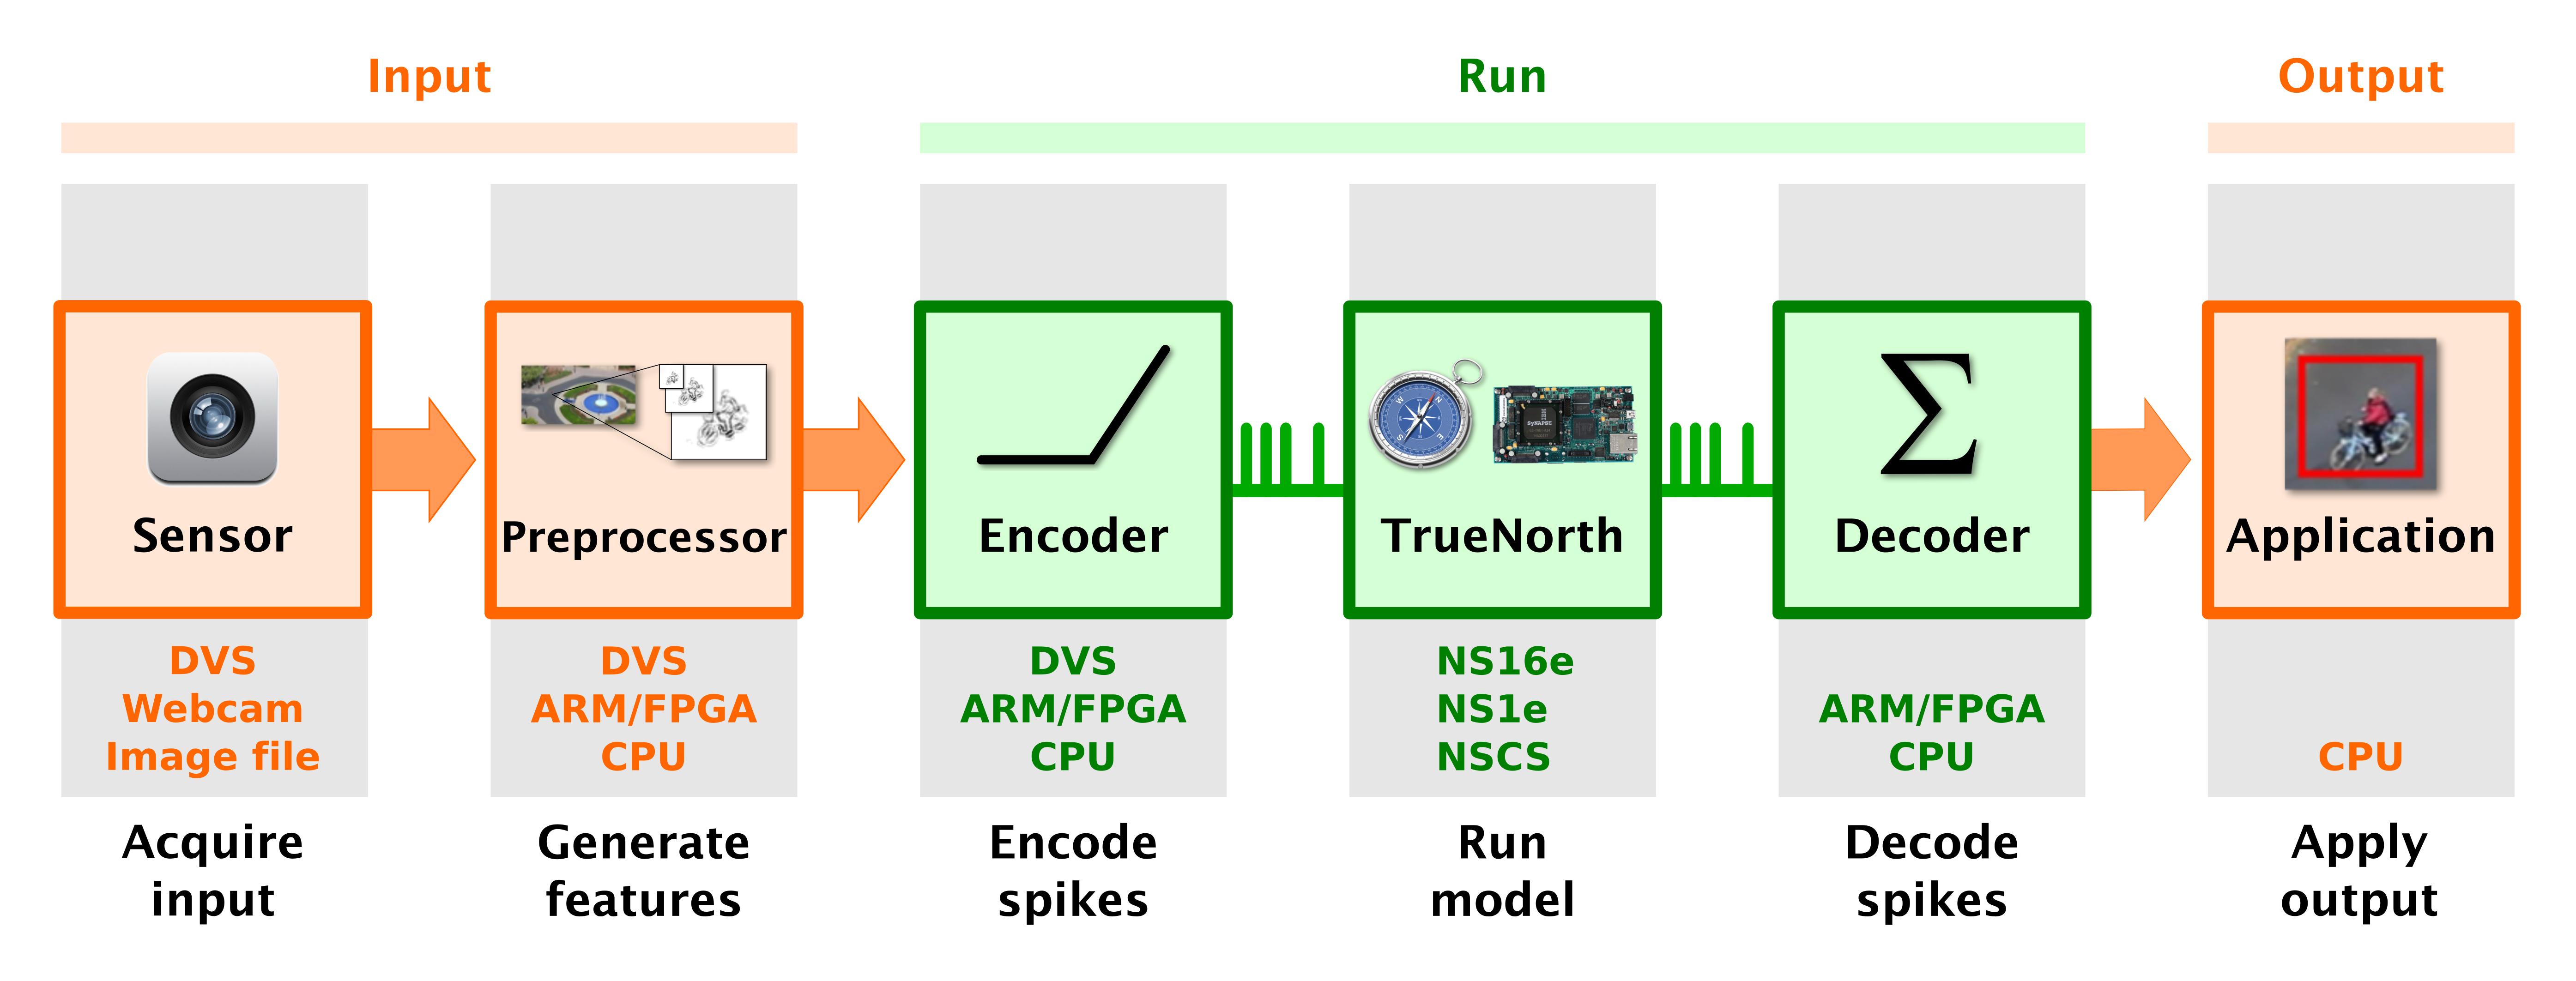 Image classifier run flow